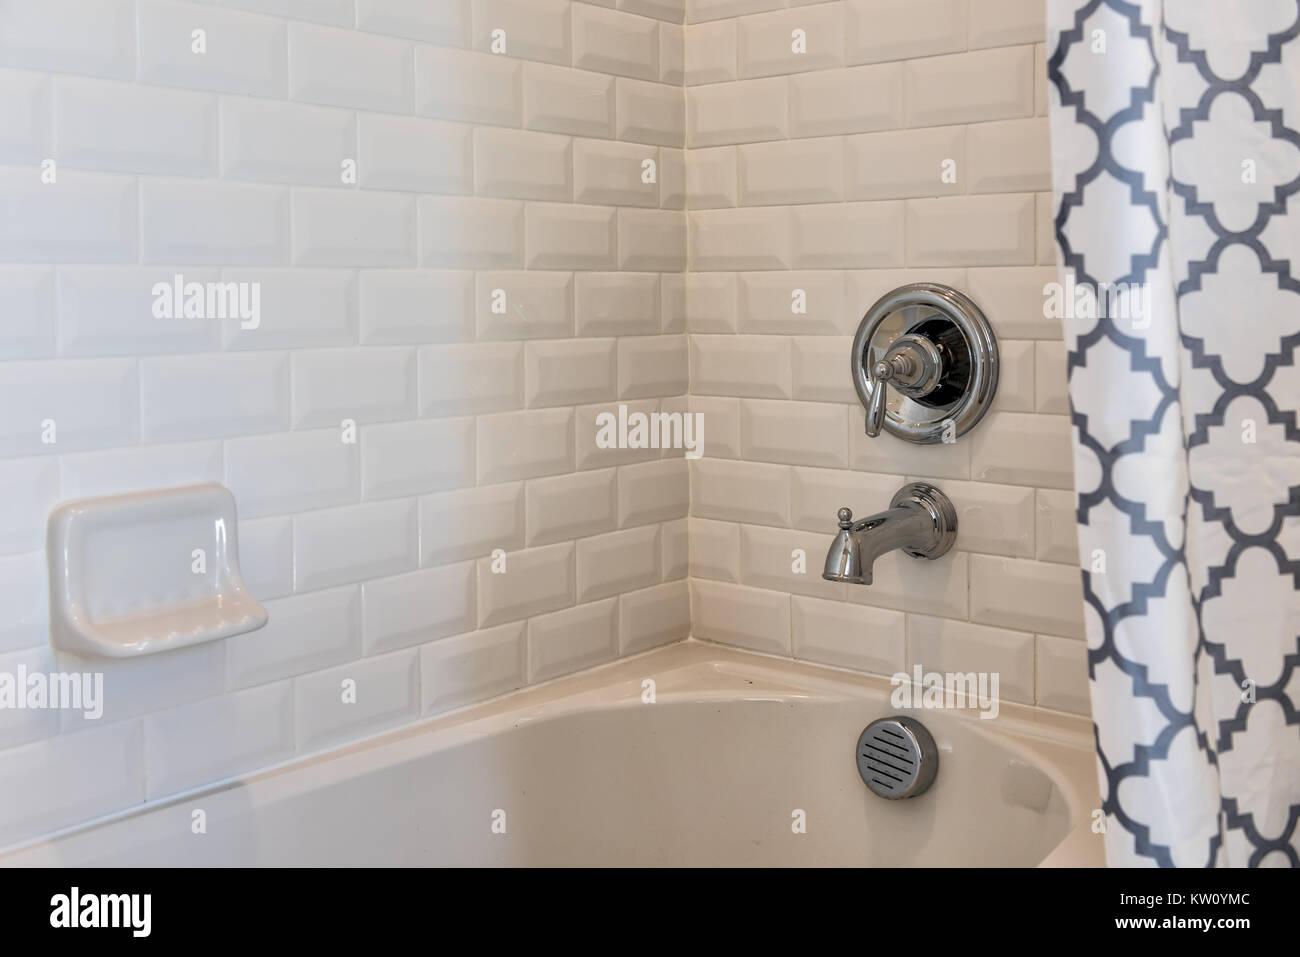 Vasca Da Bagno Rotta : Tenda doccia vasca da bagno. perfect tenda in vinile per doccia